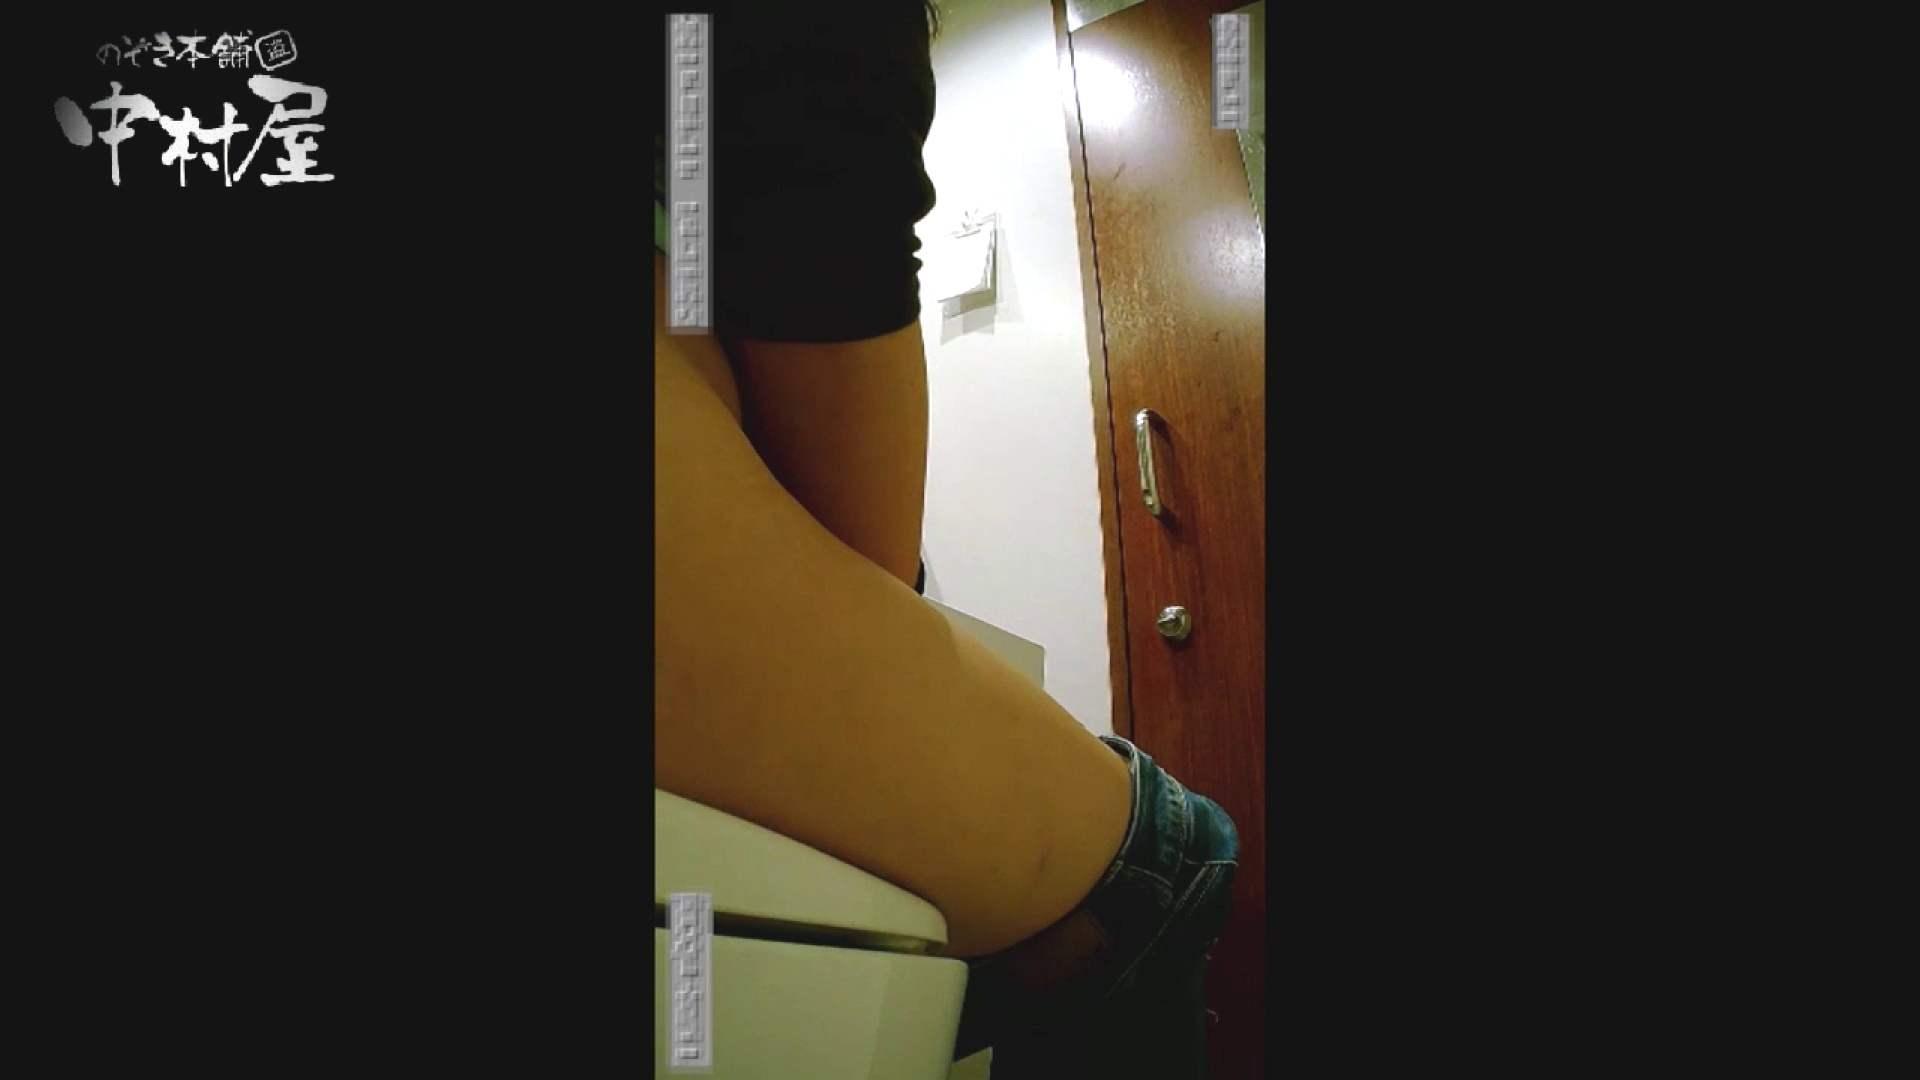 高画質トイレ盗撮vol.10 盗撮シリーズ エロ画像 94PIX 30